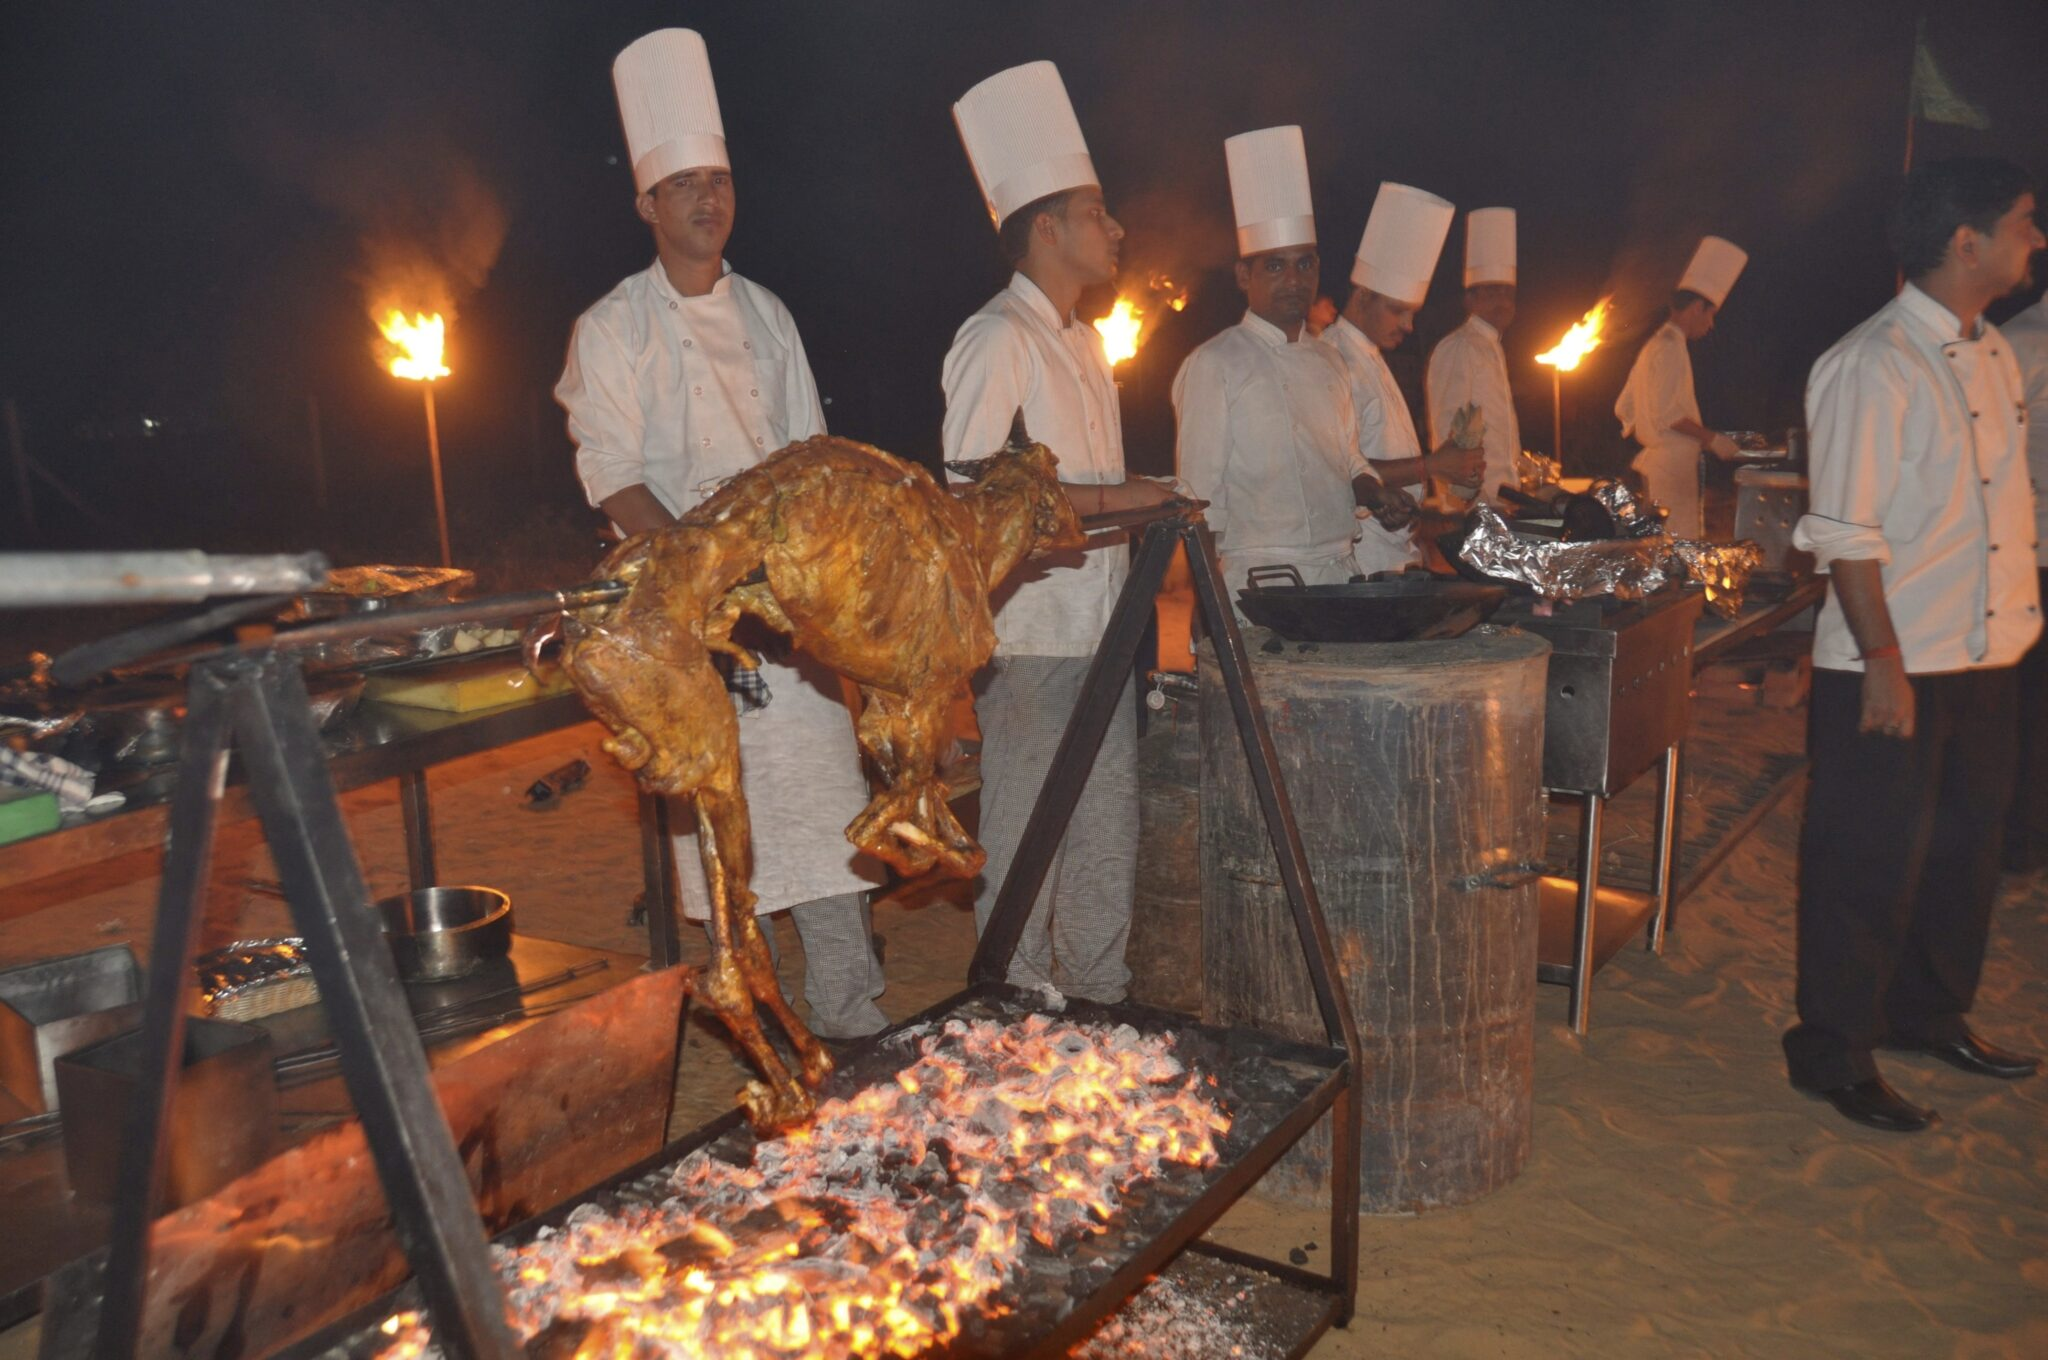 Pilar Latorre World Cuisine Viaje a la India 2017. Cena bajo las estrellas en el desierto